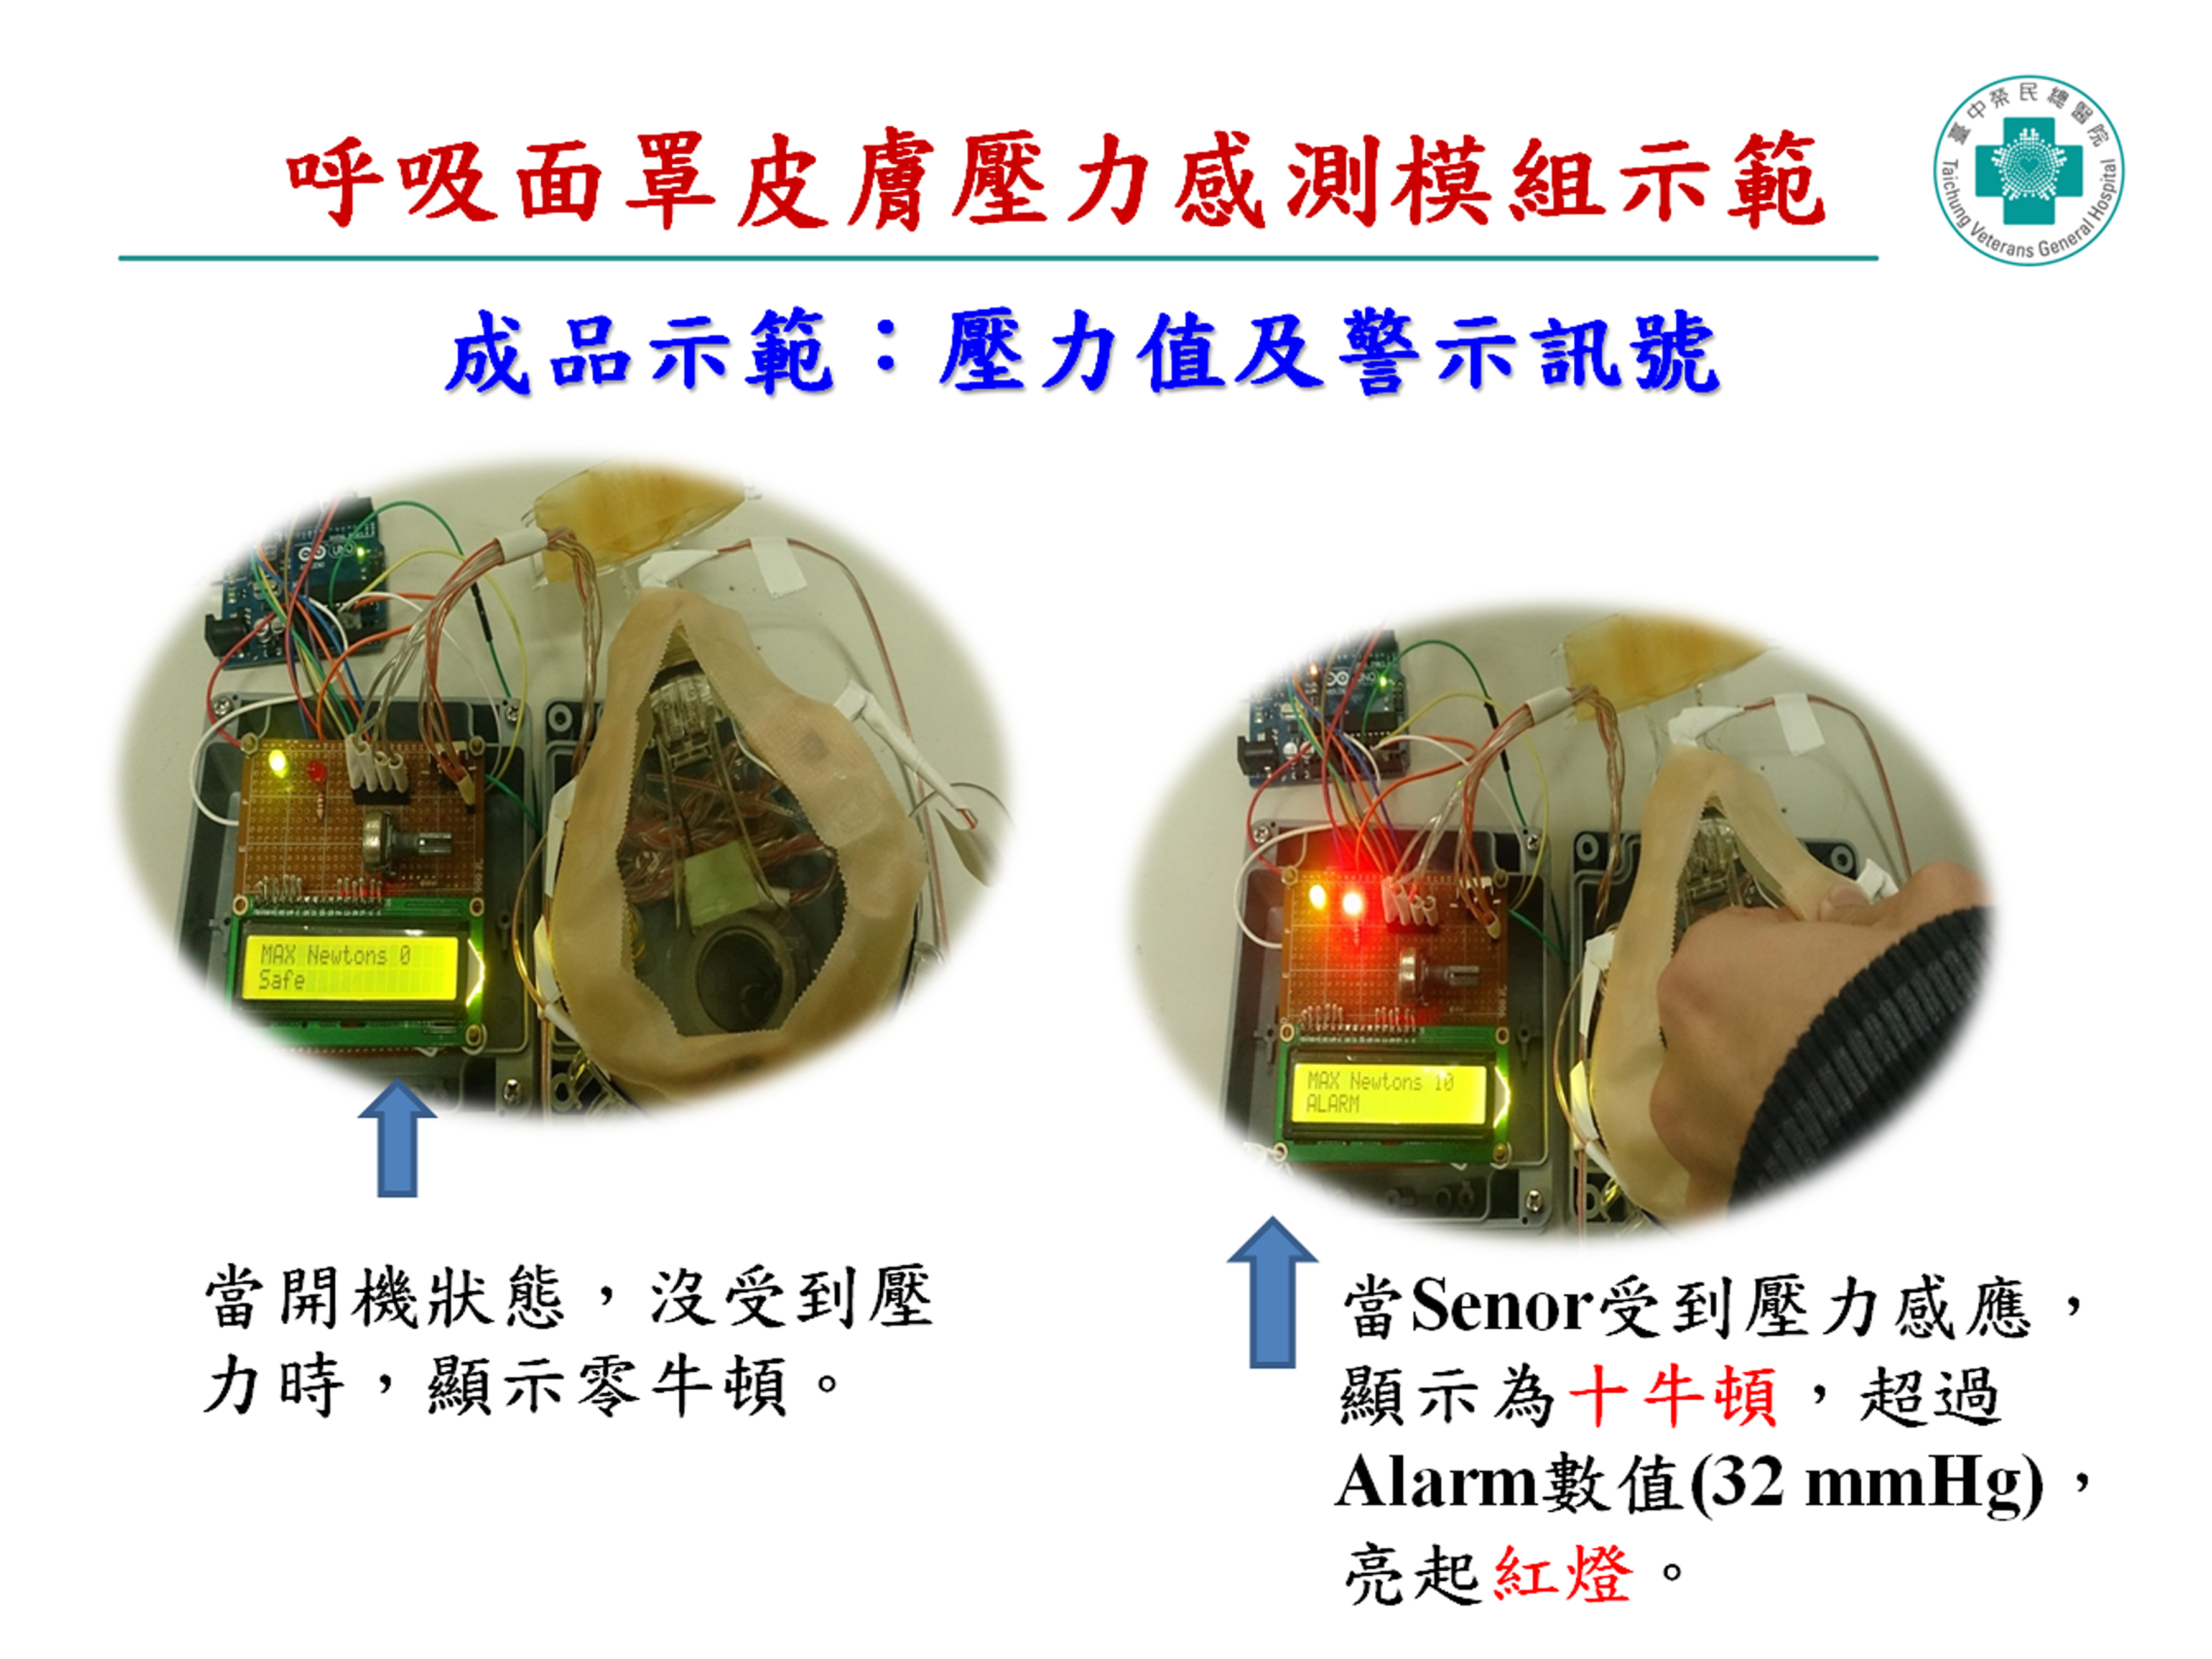 LCD壓力值顯示器及警鳴紅燈警示